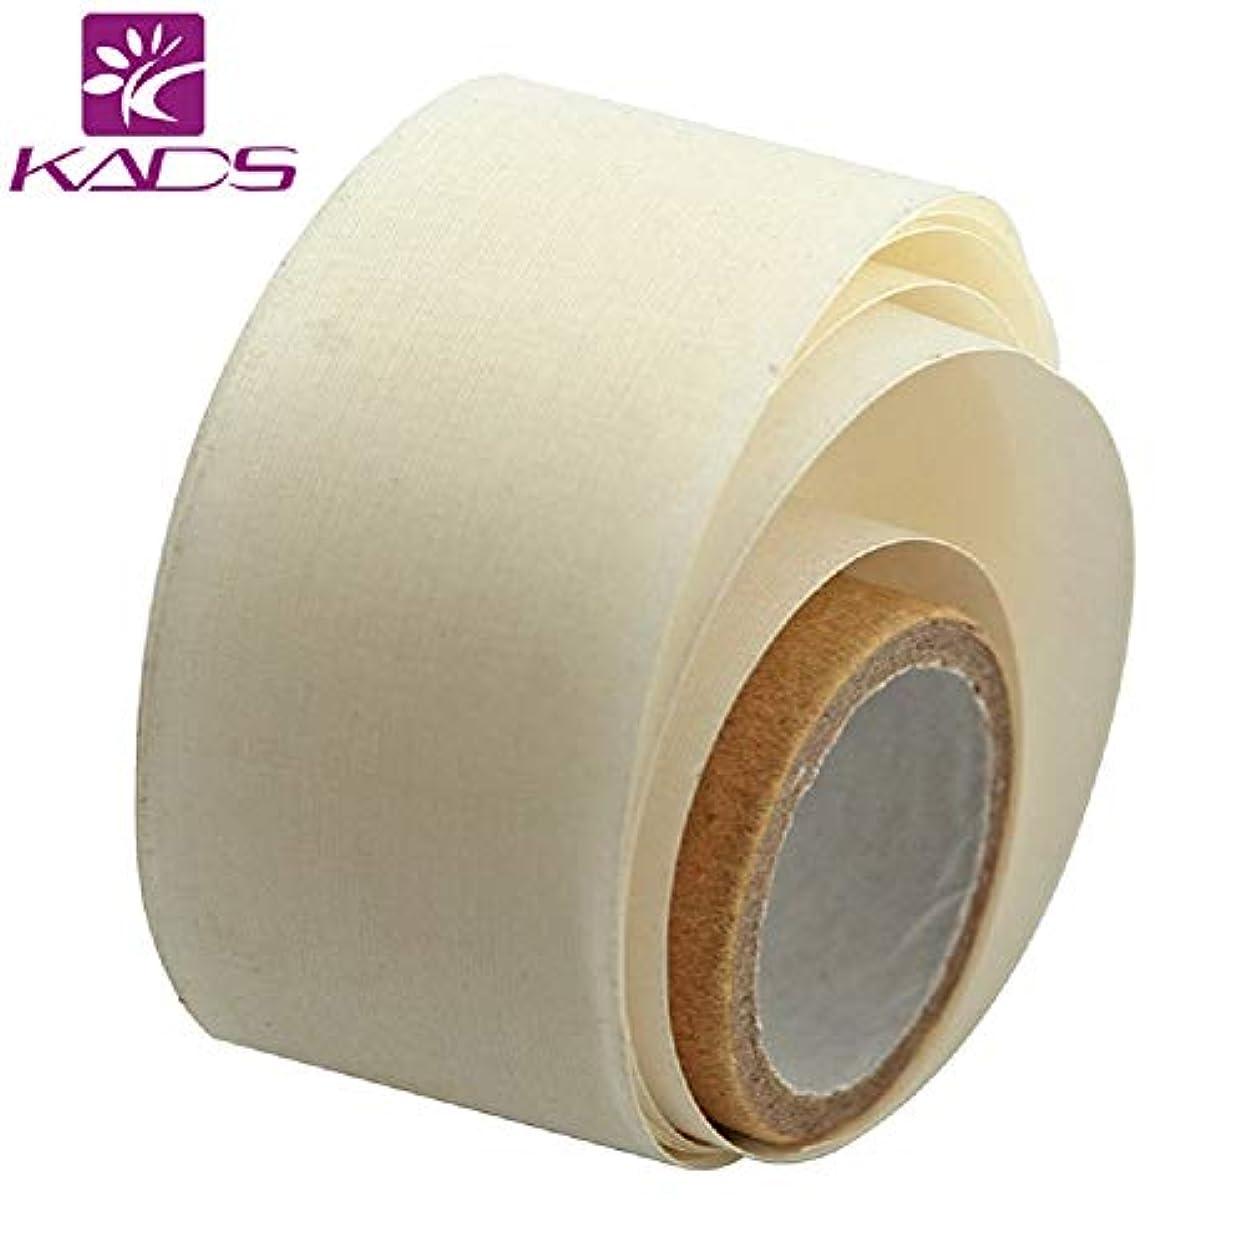 ジム棚偽KADS ネイルシルクテープ ネイルリペアテープペラ用 爪の補修 ジェルアクリルネイルアートツール(サイズ3)